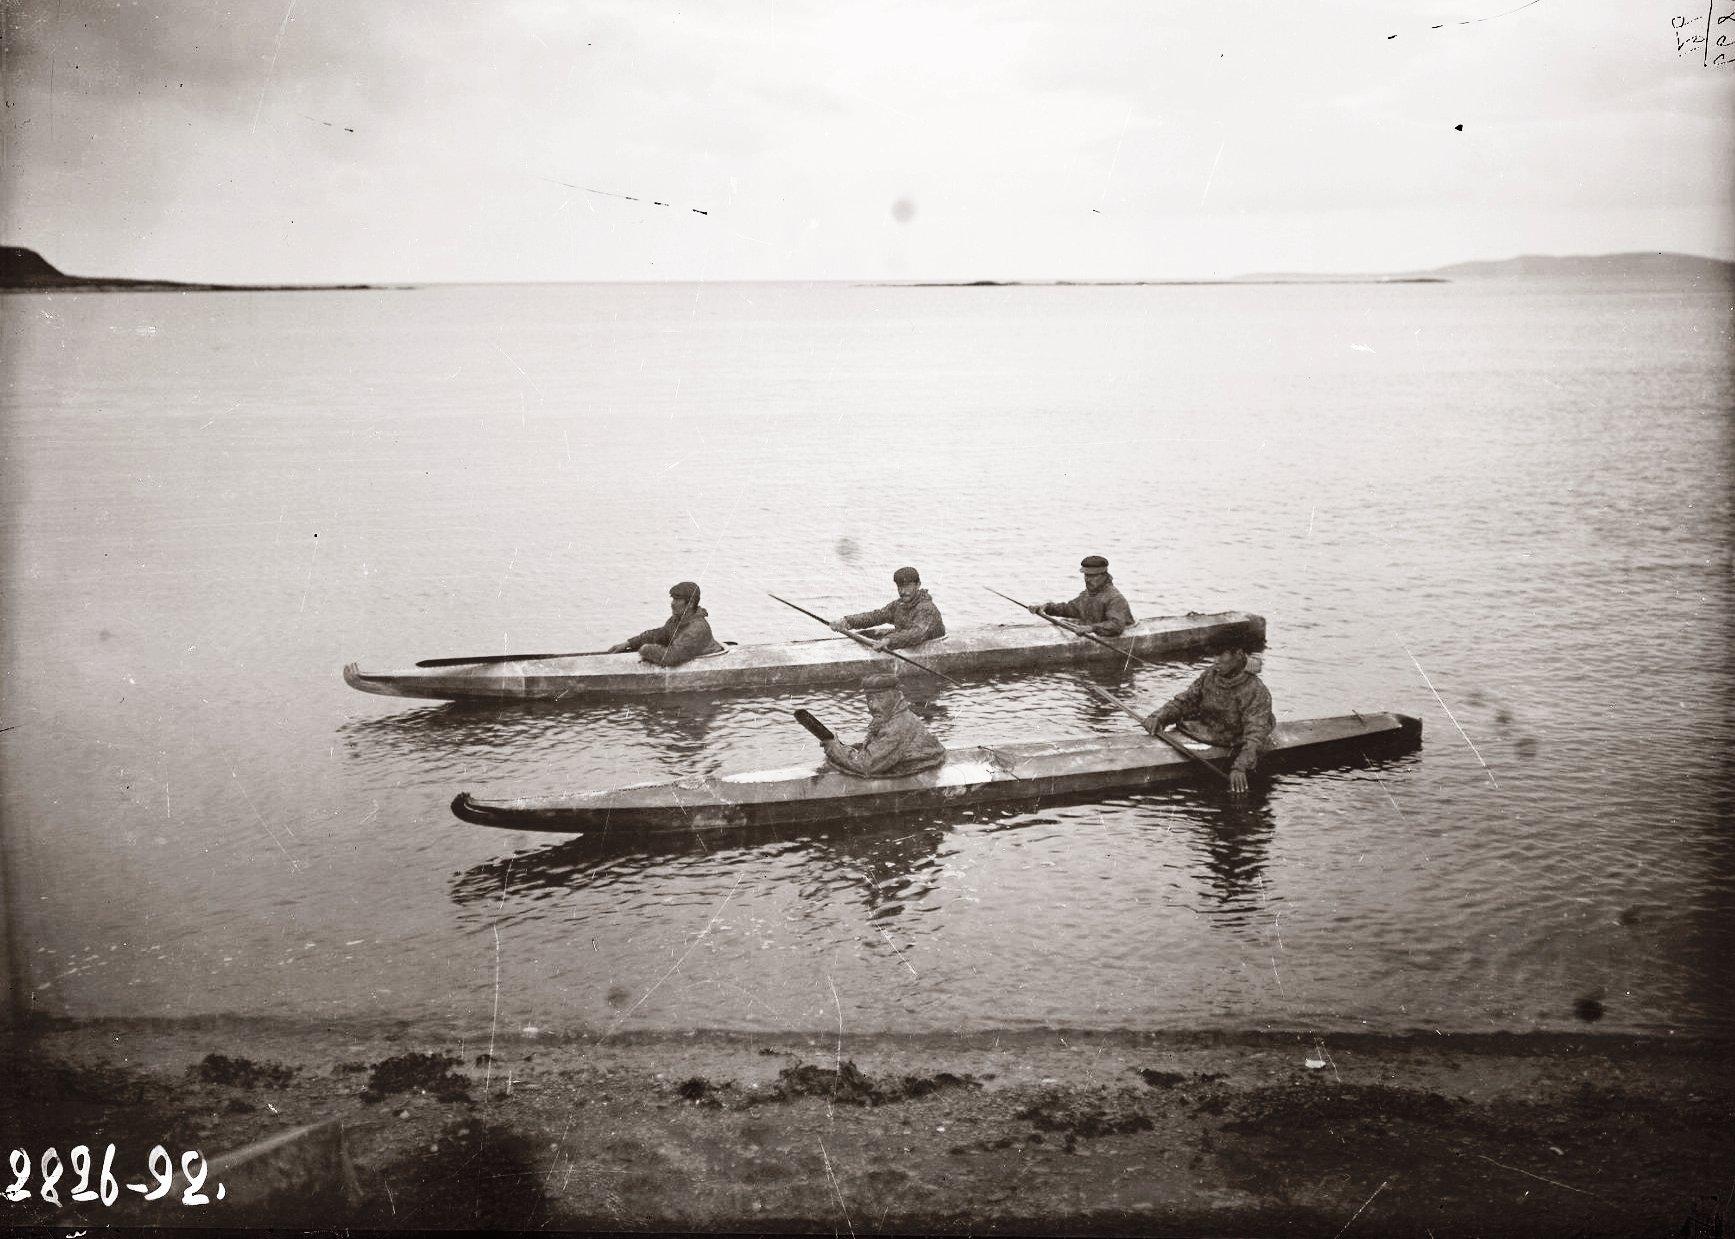 1909. 8 октября. Алеуты в двухлючных и трехлючных байдарках, остров Умнак , остров Умнак. Село Никольское.